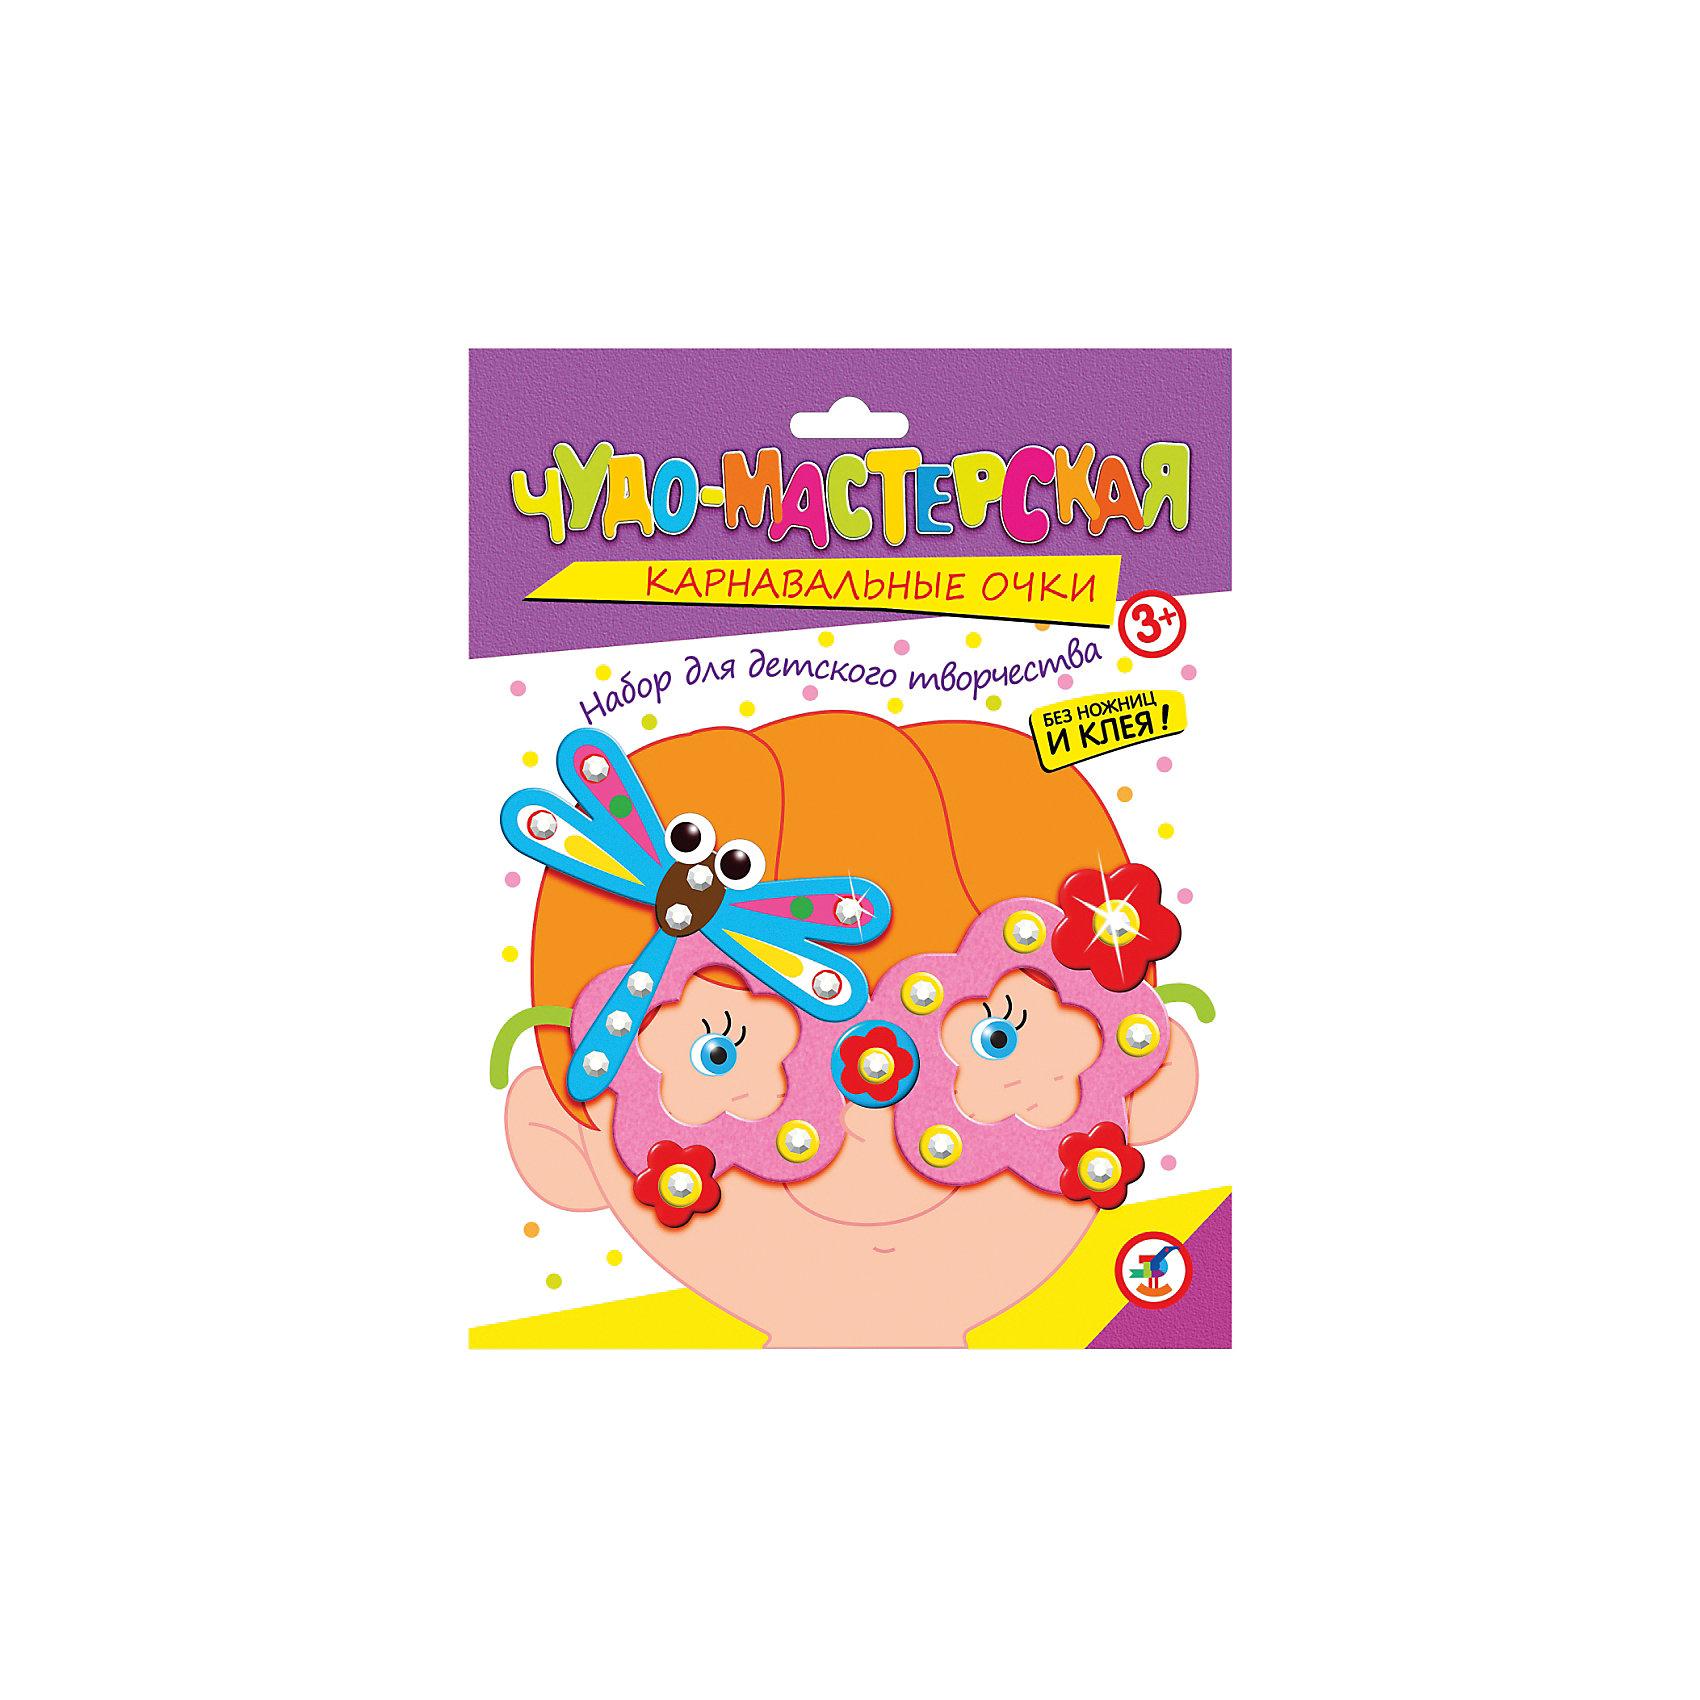 Праздничные очки СтрекозаУвлекательный набор для творчества Стрекоза не только развлечет ребенка но и поможет изготовить своими руками яркий аксессуар для праздника или карнавала. В наборе Вы найдете все необходимое: пластиковые очки, детали из мягкого пластика ЭВА и стразы для украшения.<br>Ножницы и клей не требуются. Нанесите на оправу очков двустороннюю клейкую ленту, а затем найдите самую крупную деталь из мягкого пластика в форме очков и приклейте ее к оправе. Украсьте очки различными самоклеющимися деталями и стразами согласно образцу или по своему усмотрению. Забавные очки с фигуркой стрекозы создадут праздничное настроение и позволят легко перевоплотиться в персонажа веселого карнавала.<br><br>Дополнительная информация:<br><br>- В комплекте: пластмассовые очки, детали из мягкого пластика ЭВА, стразы, двусторонняя клейка лента.<br>- Материал: пластмасса, мягкий пластик ЭВА, картон.<br>- Размер упаковки: 20 x 15 x 1,5 см.<br>- Вес: 28 гр.<br><br>Праздничные очки Стрекоза, Дрофа Медиа, можно купить в нашем интернет-магазине.<br><br>Ширина мм: 155<br>Глубина мм: 200<br>Высота мм: 15<br>Вес г: 85<br>Возраст от месяцев: 36<br>Возраст до месяцев: 2147483647<br>Пол: Унисекс<br>Возраст: Детский<br>SKU: 4561870